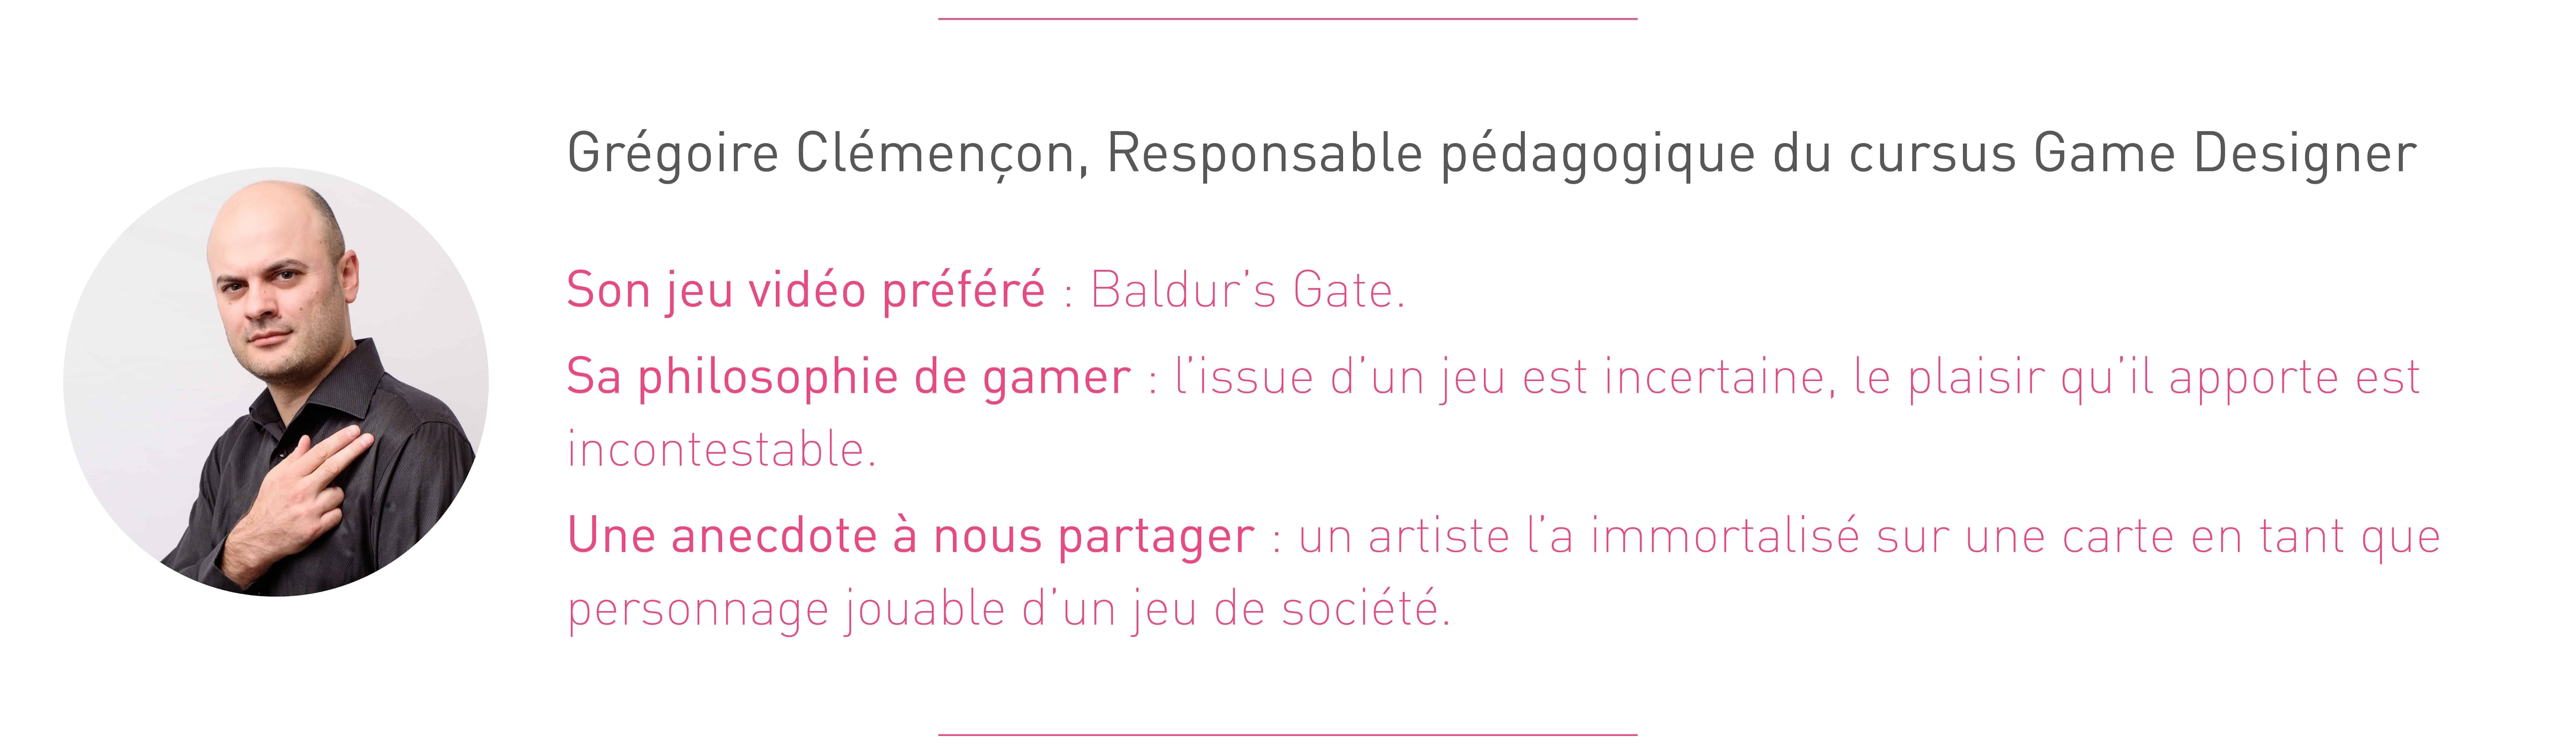 Présentation de Grégoire Clémençon, Responsable pédagogique de la formation Game Designer à l'Institut Artline